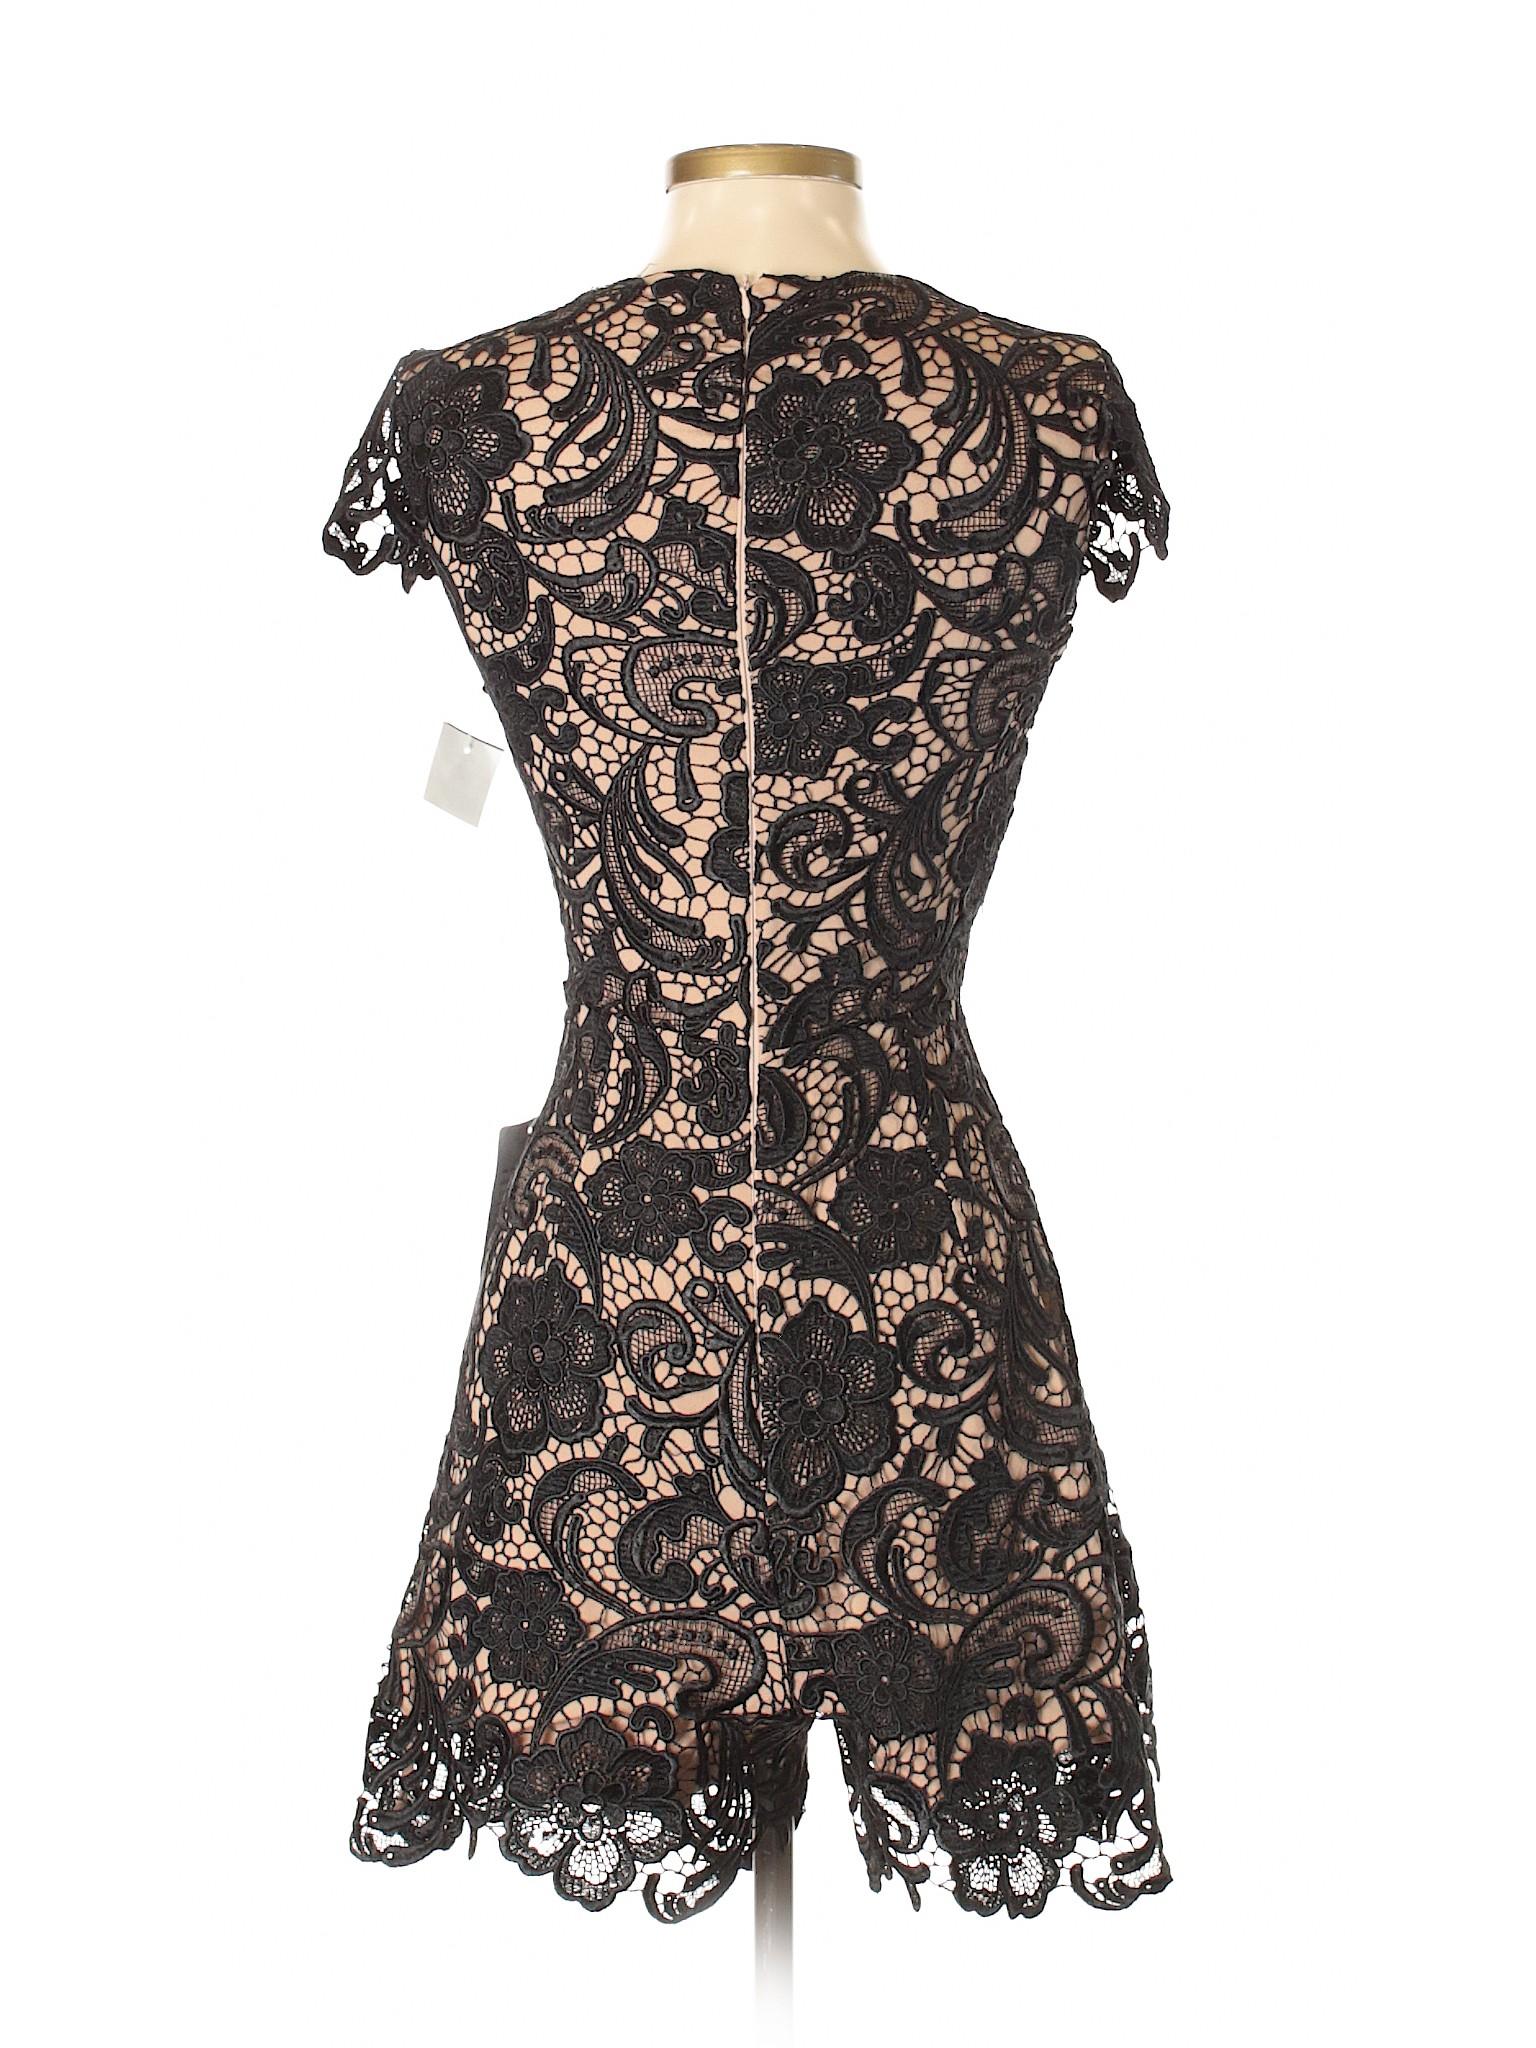 Dress Boutique Boutique Population Population Romper Dress the Romper Dress Population the the Boutique Romper the Boutique Dress ztAdwEqd